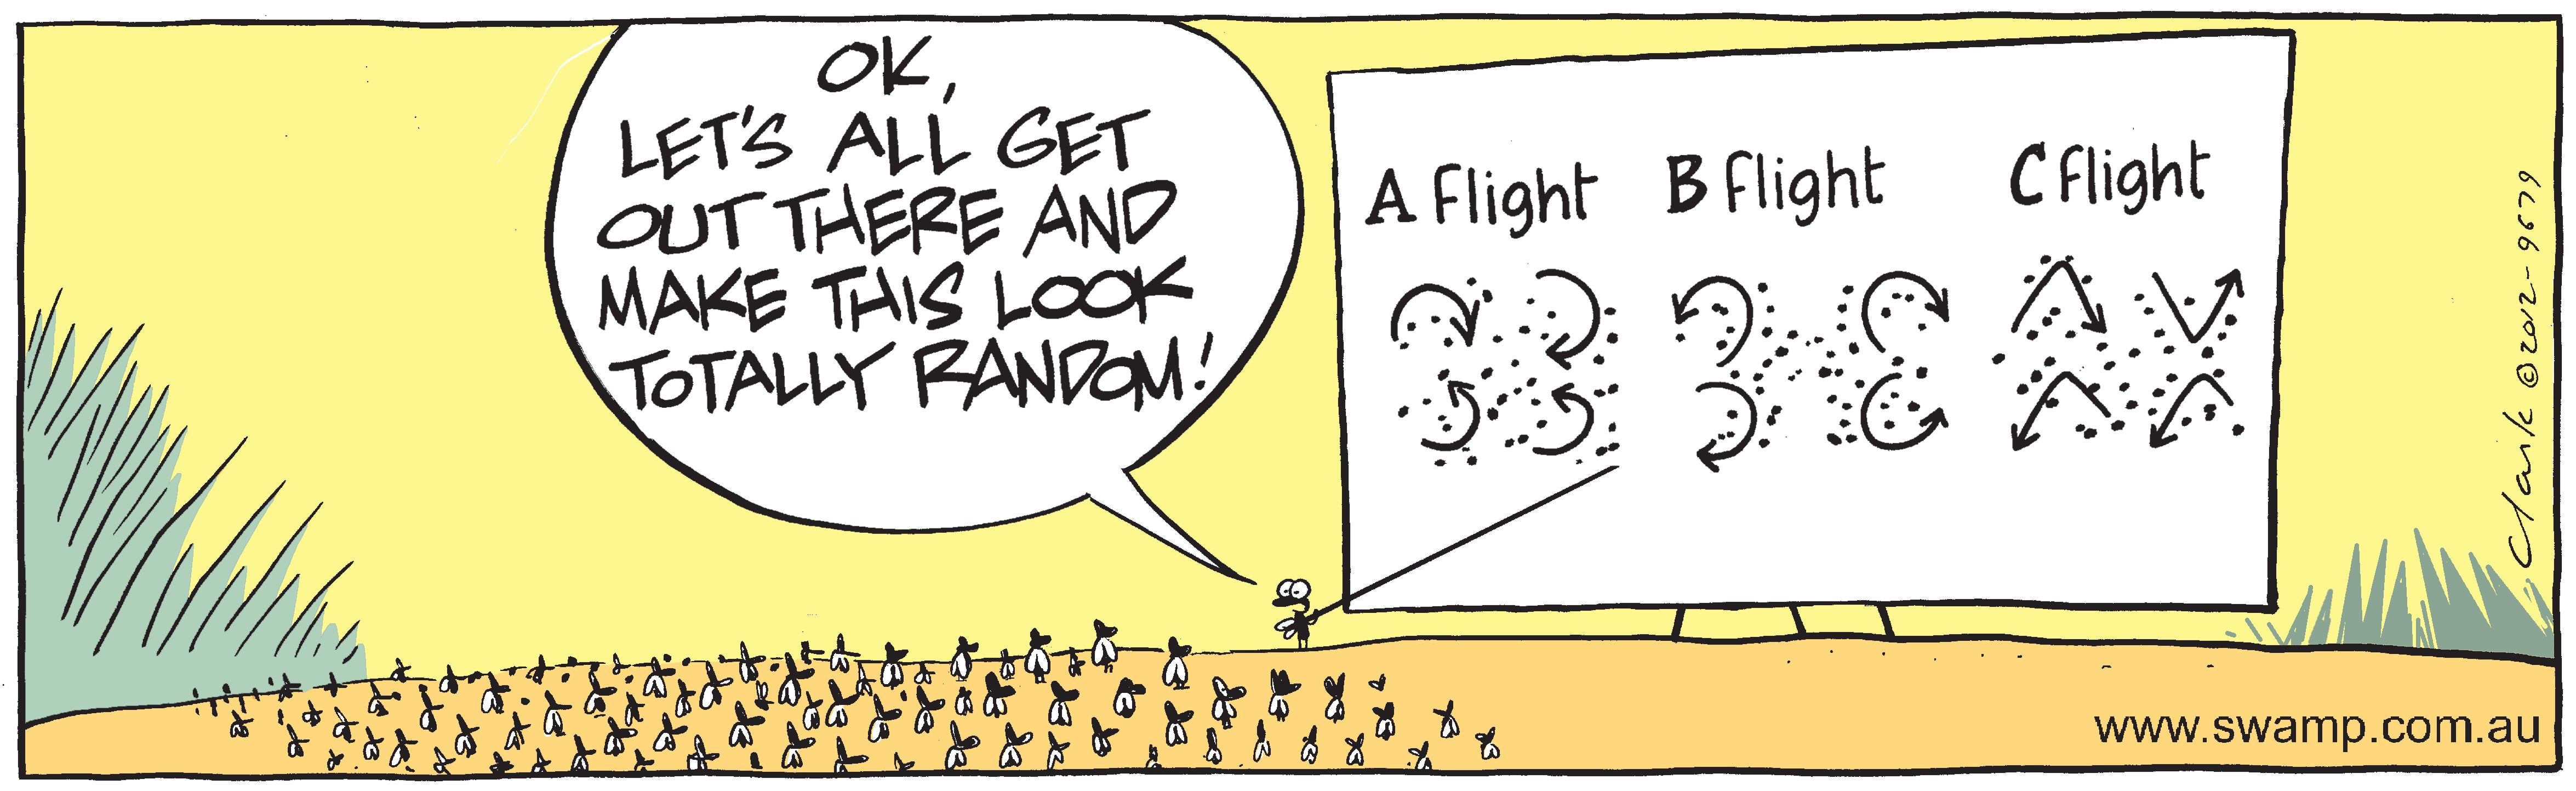 Flies Flight Plans